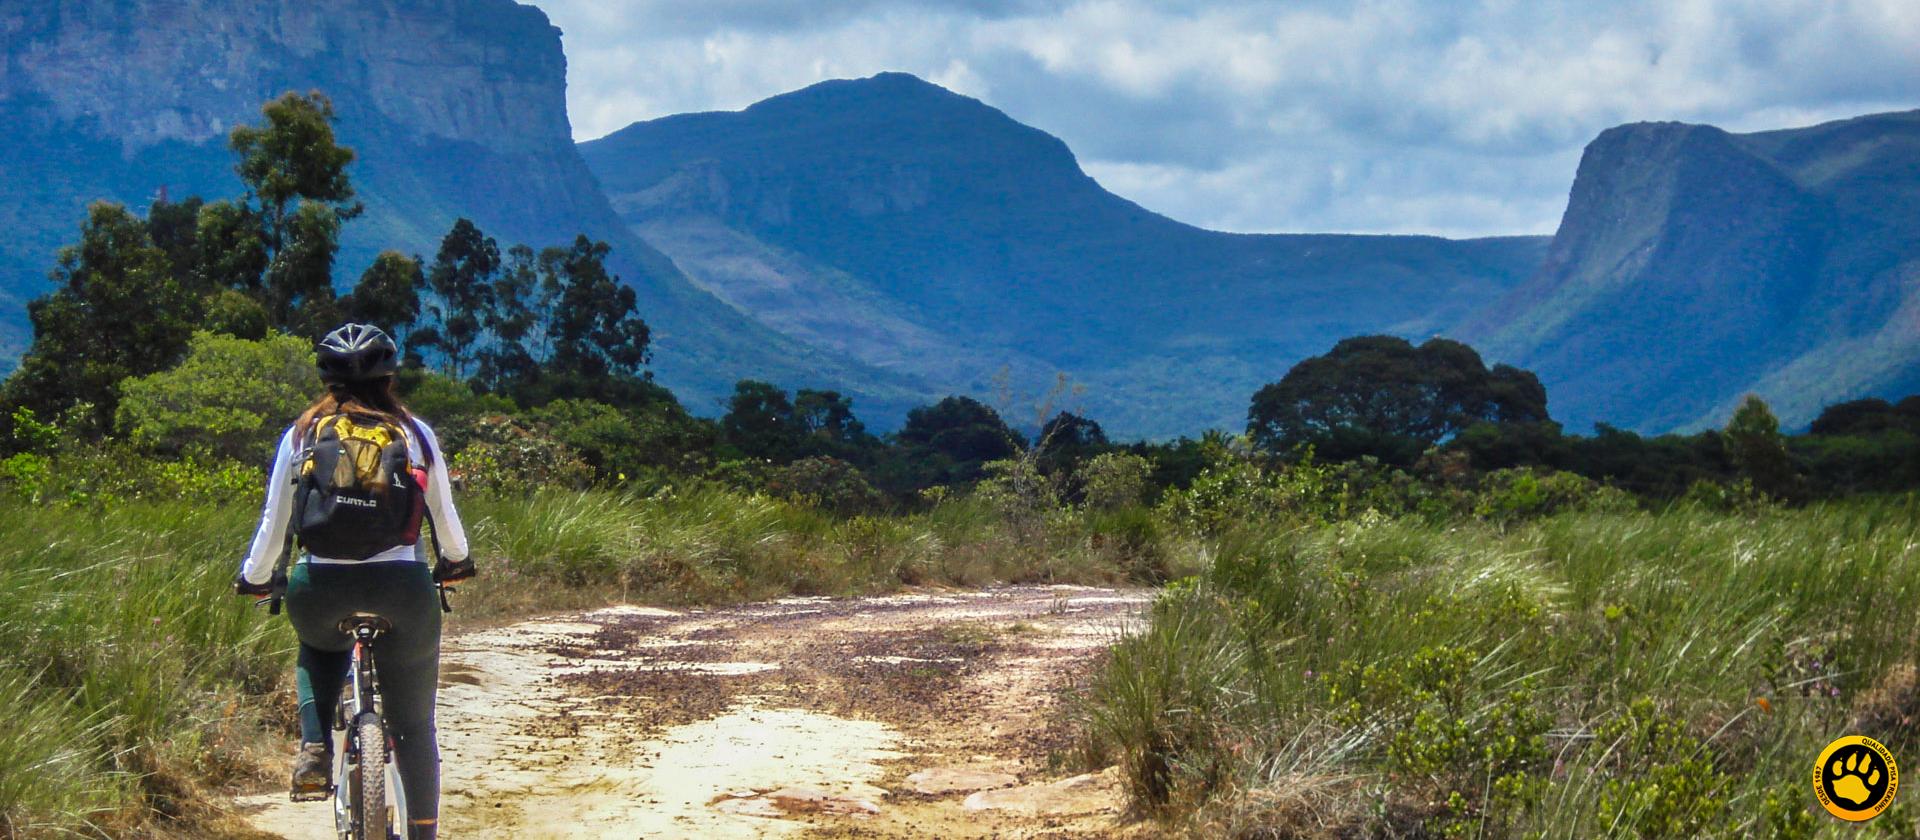 Serra do Espinhaço: Paraíso do ecoturismo